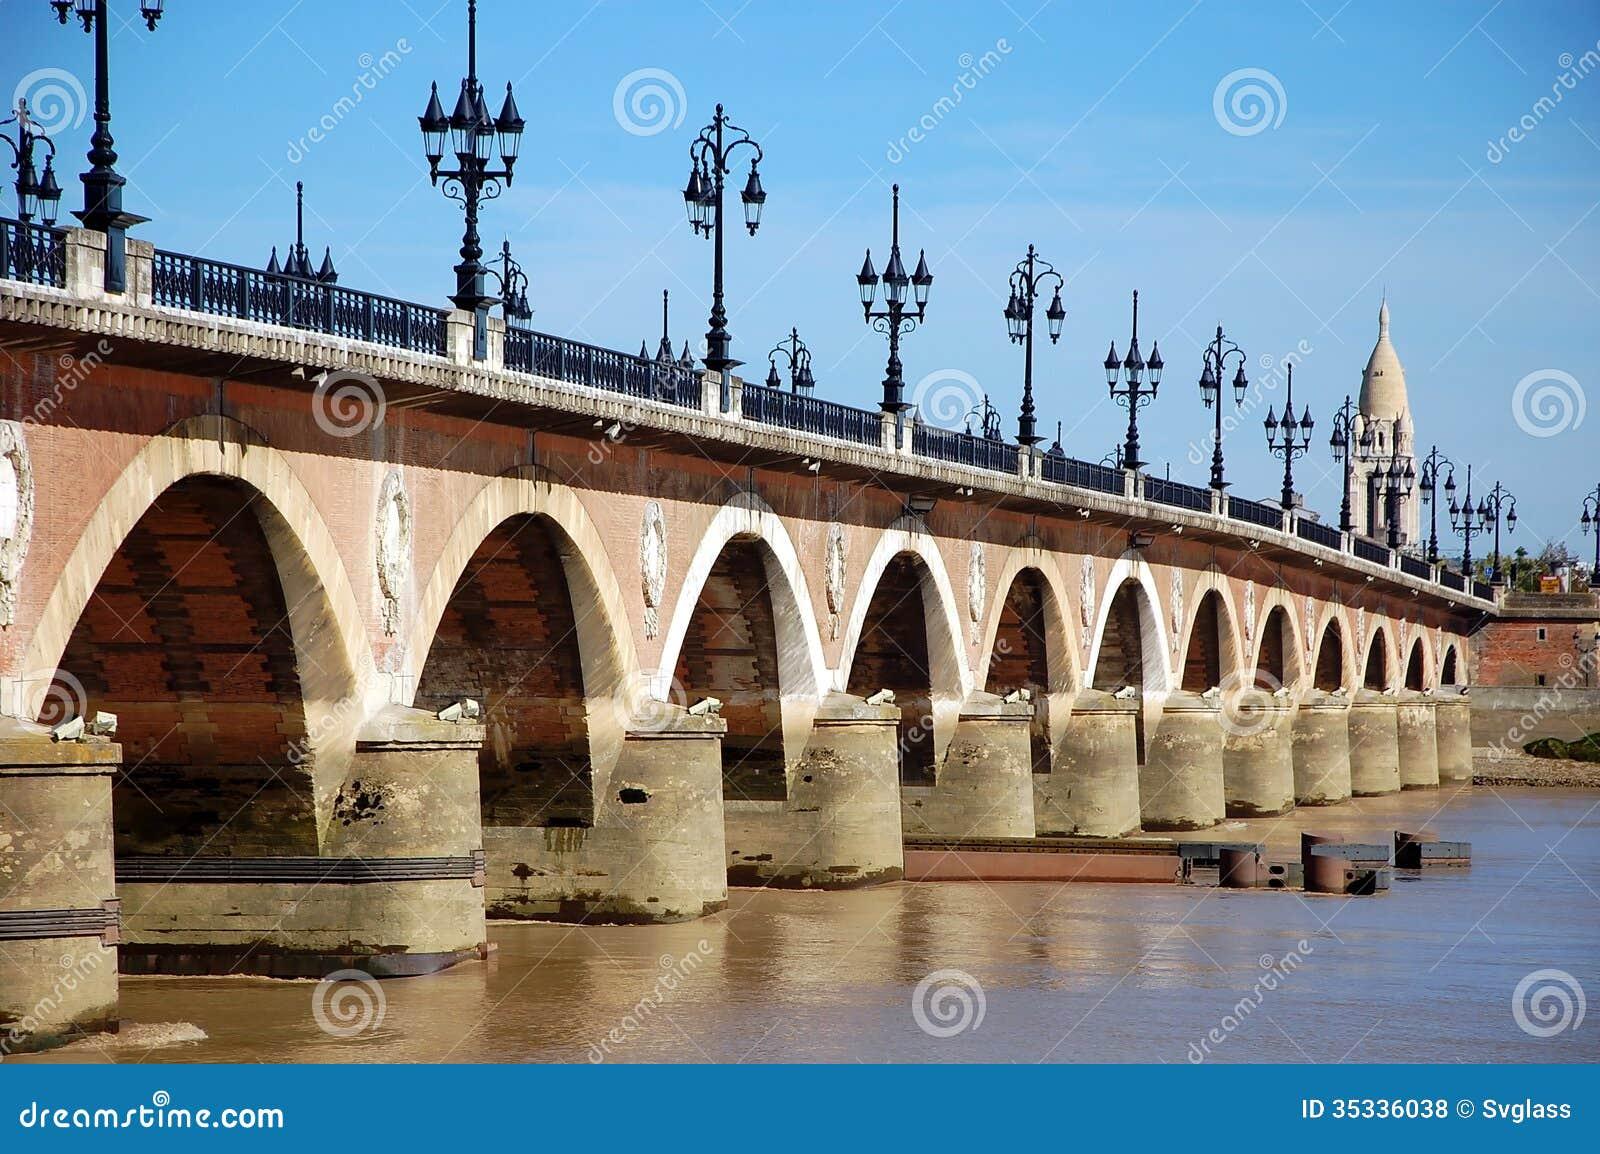 bordeaux france le pont en pierre photo stock image 35336038. Black Bedroom Furniture Sets. Home Design Ideas